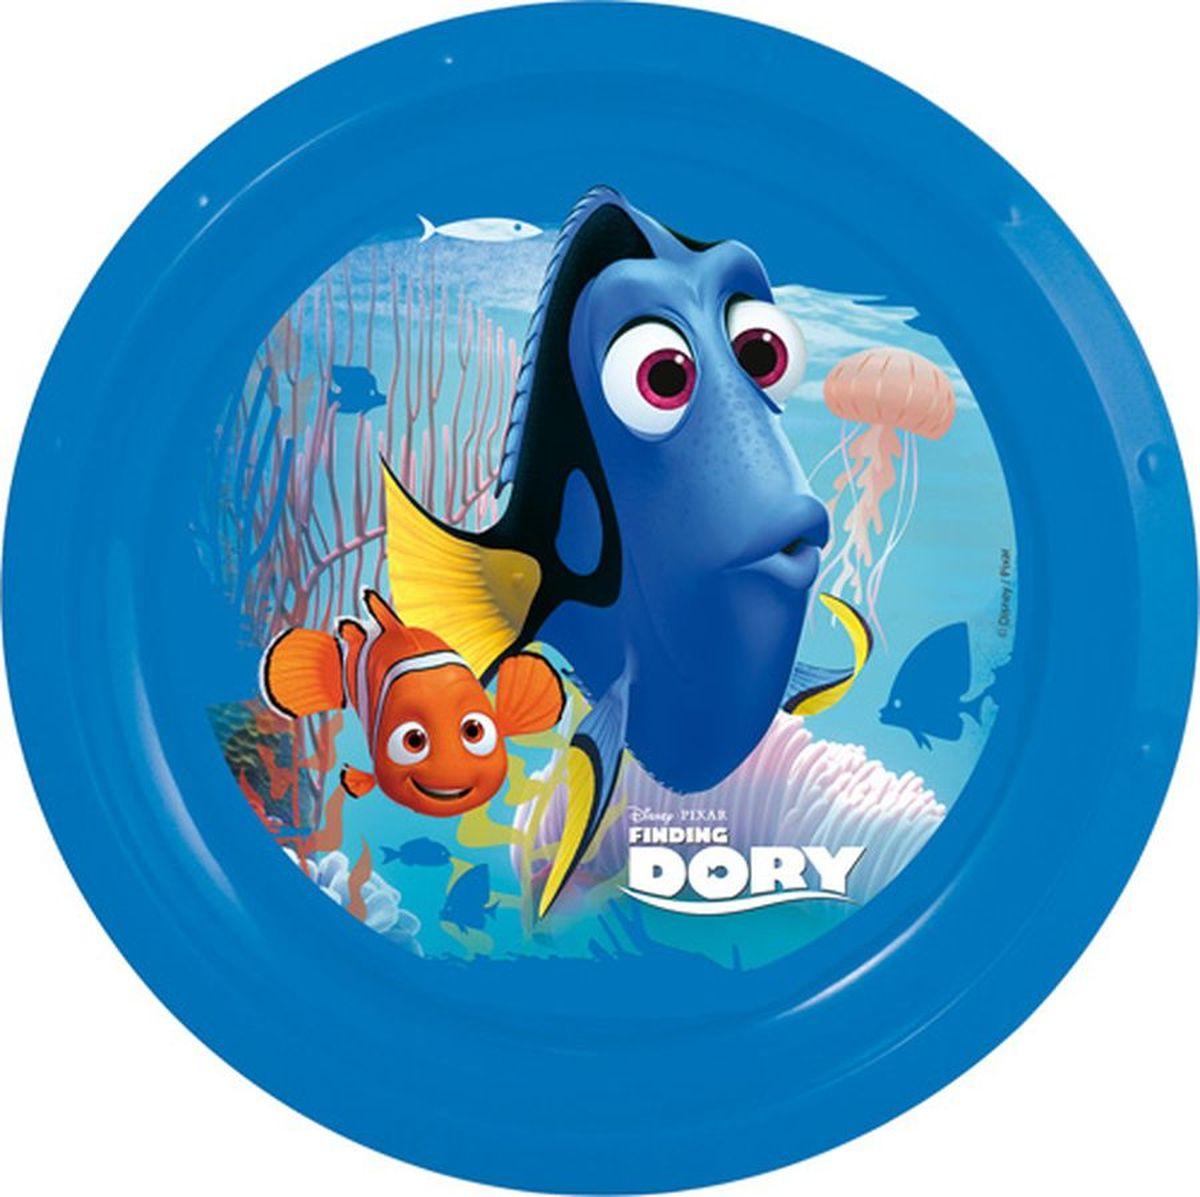 Disney Тарелка В поисках Дори диаметр 21,5 см84512Яркая тарелка Disney превратит процесс кормления вашего малыша в веселую игру. Дно оформлено изображением героев любимого мультфильма. Ваш ребенок будет кушать с большим удовольствием, стараясь быстрее добраться до картинки.